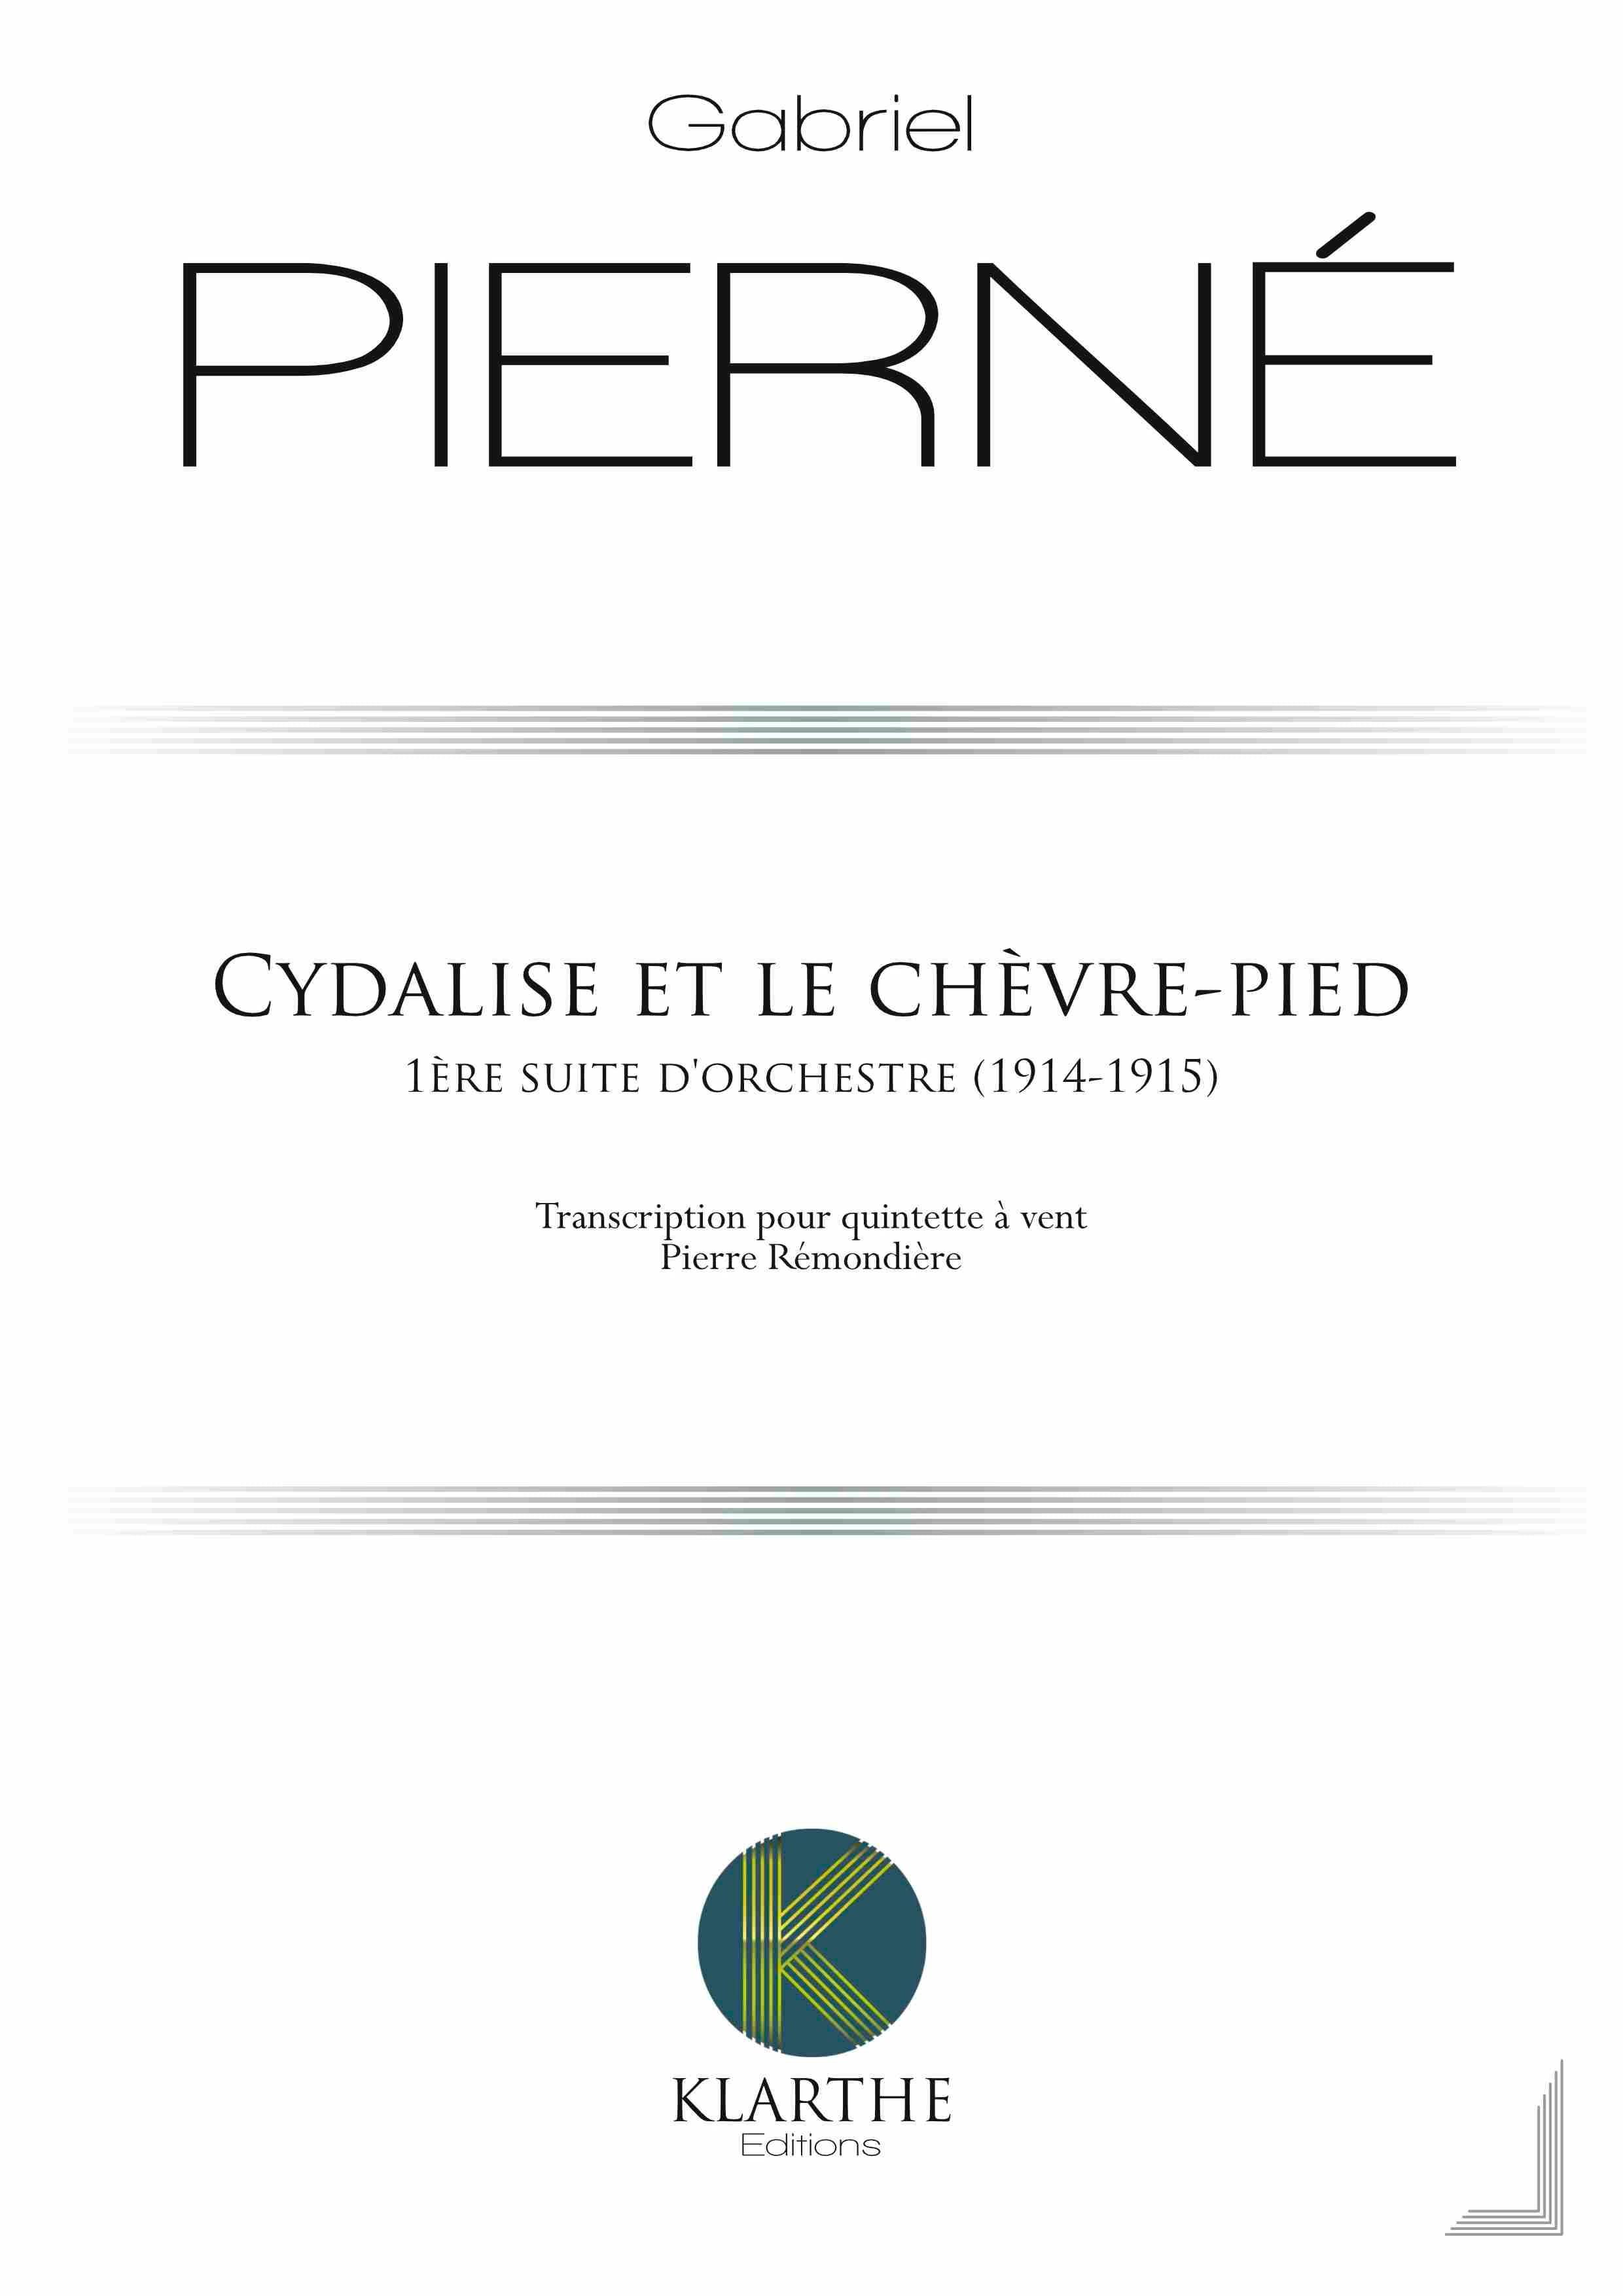 Cydalise - PIERNE - Partition - Quintettes - laflutedepan.com